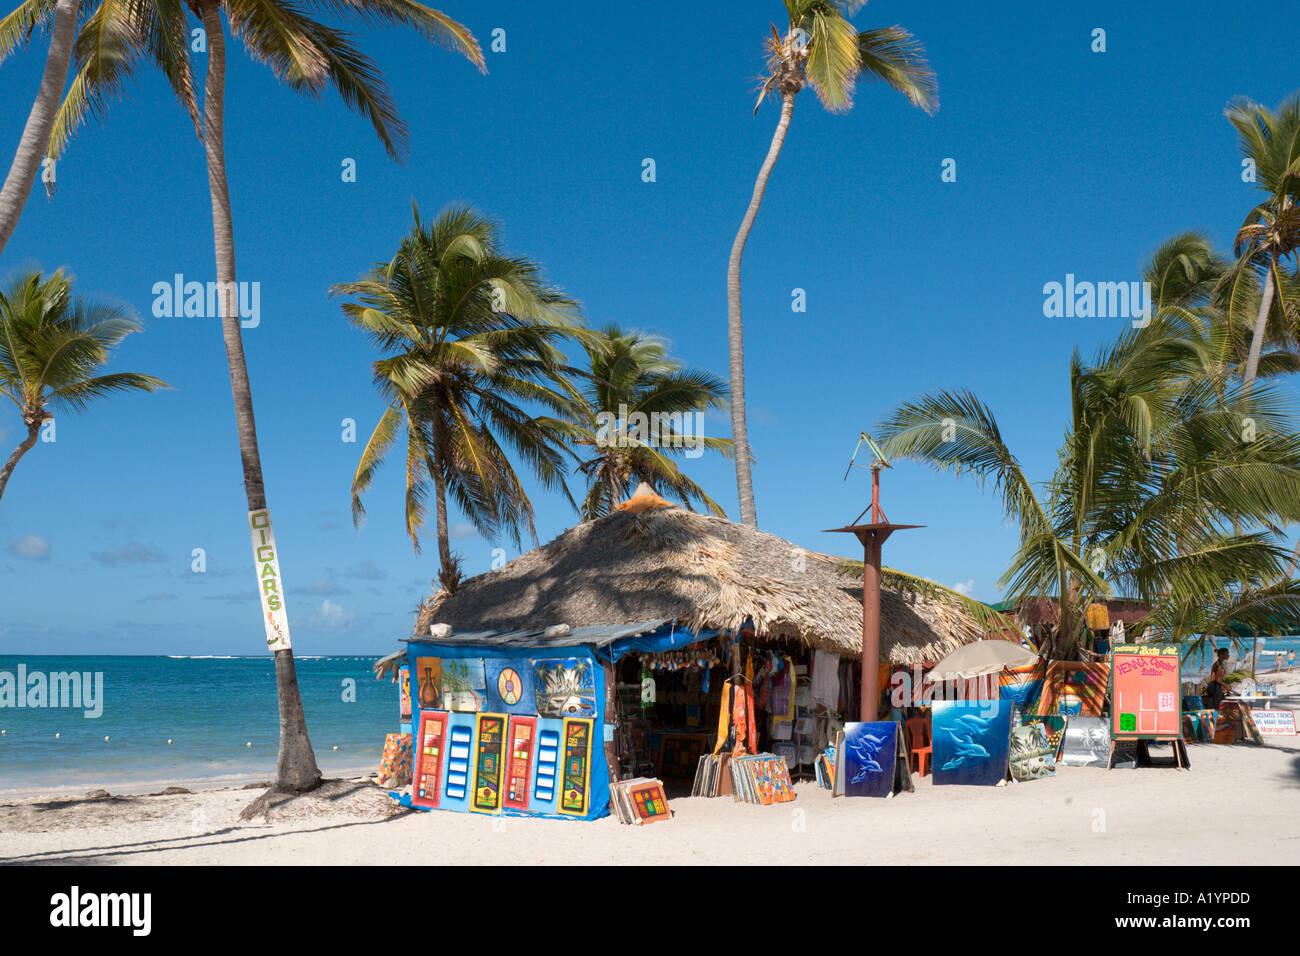 Tienda cerca de la playa, Hotel Occidental Allegro Playa Bávaro en Punta Cana, República Dominicana, El Caribe Imagen De Stock